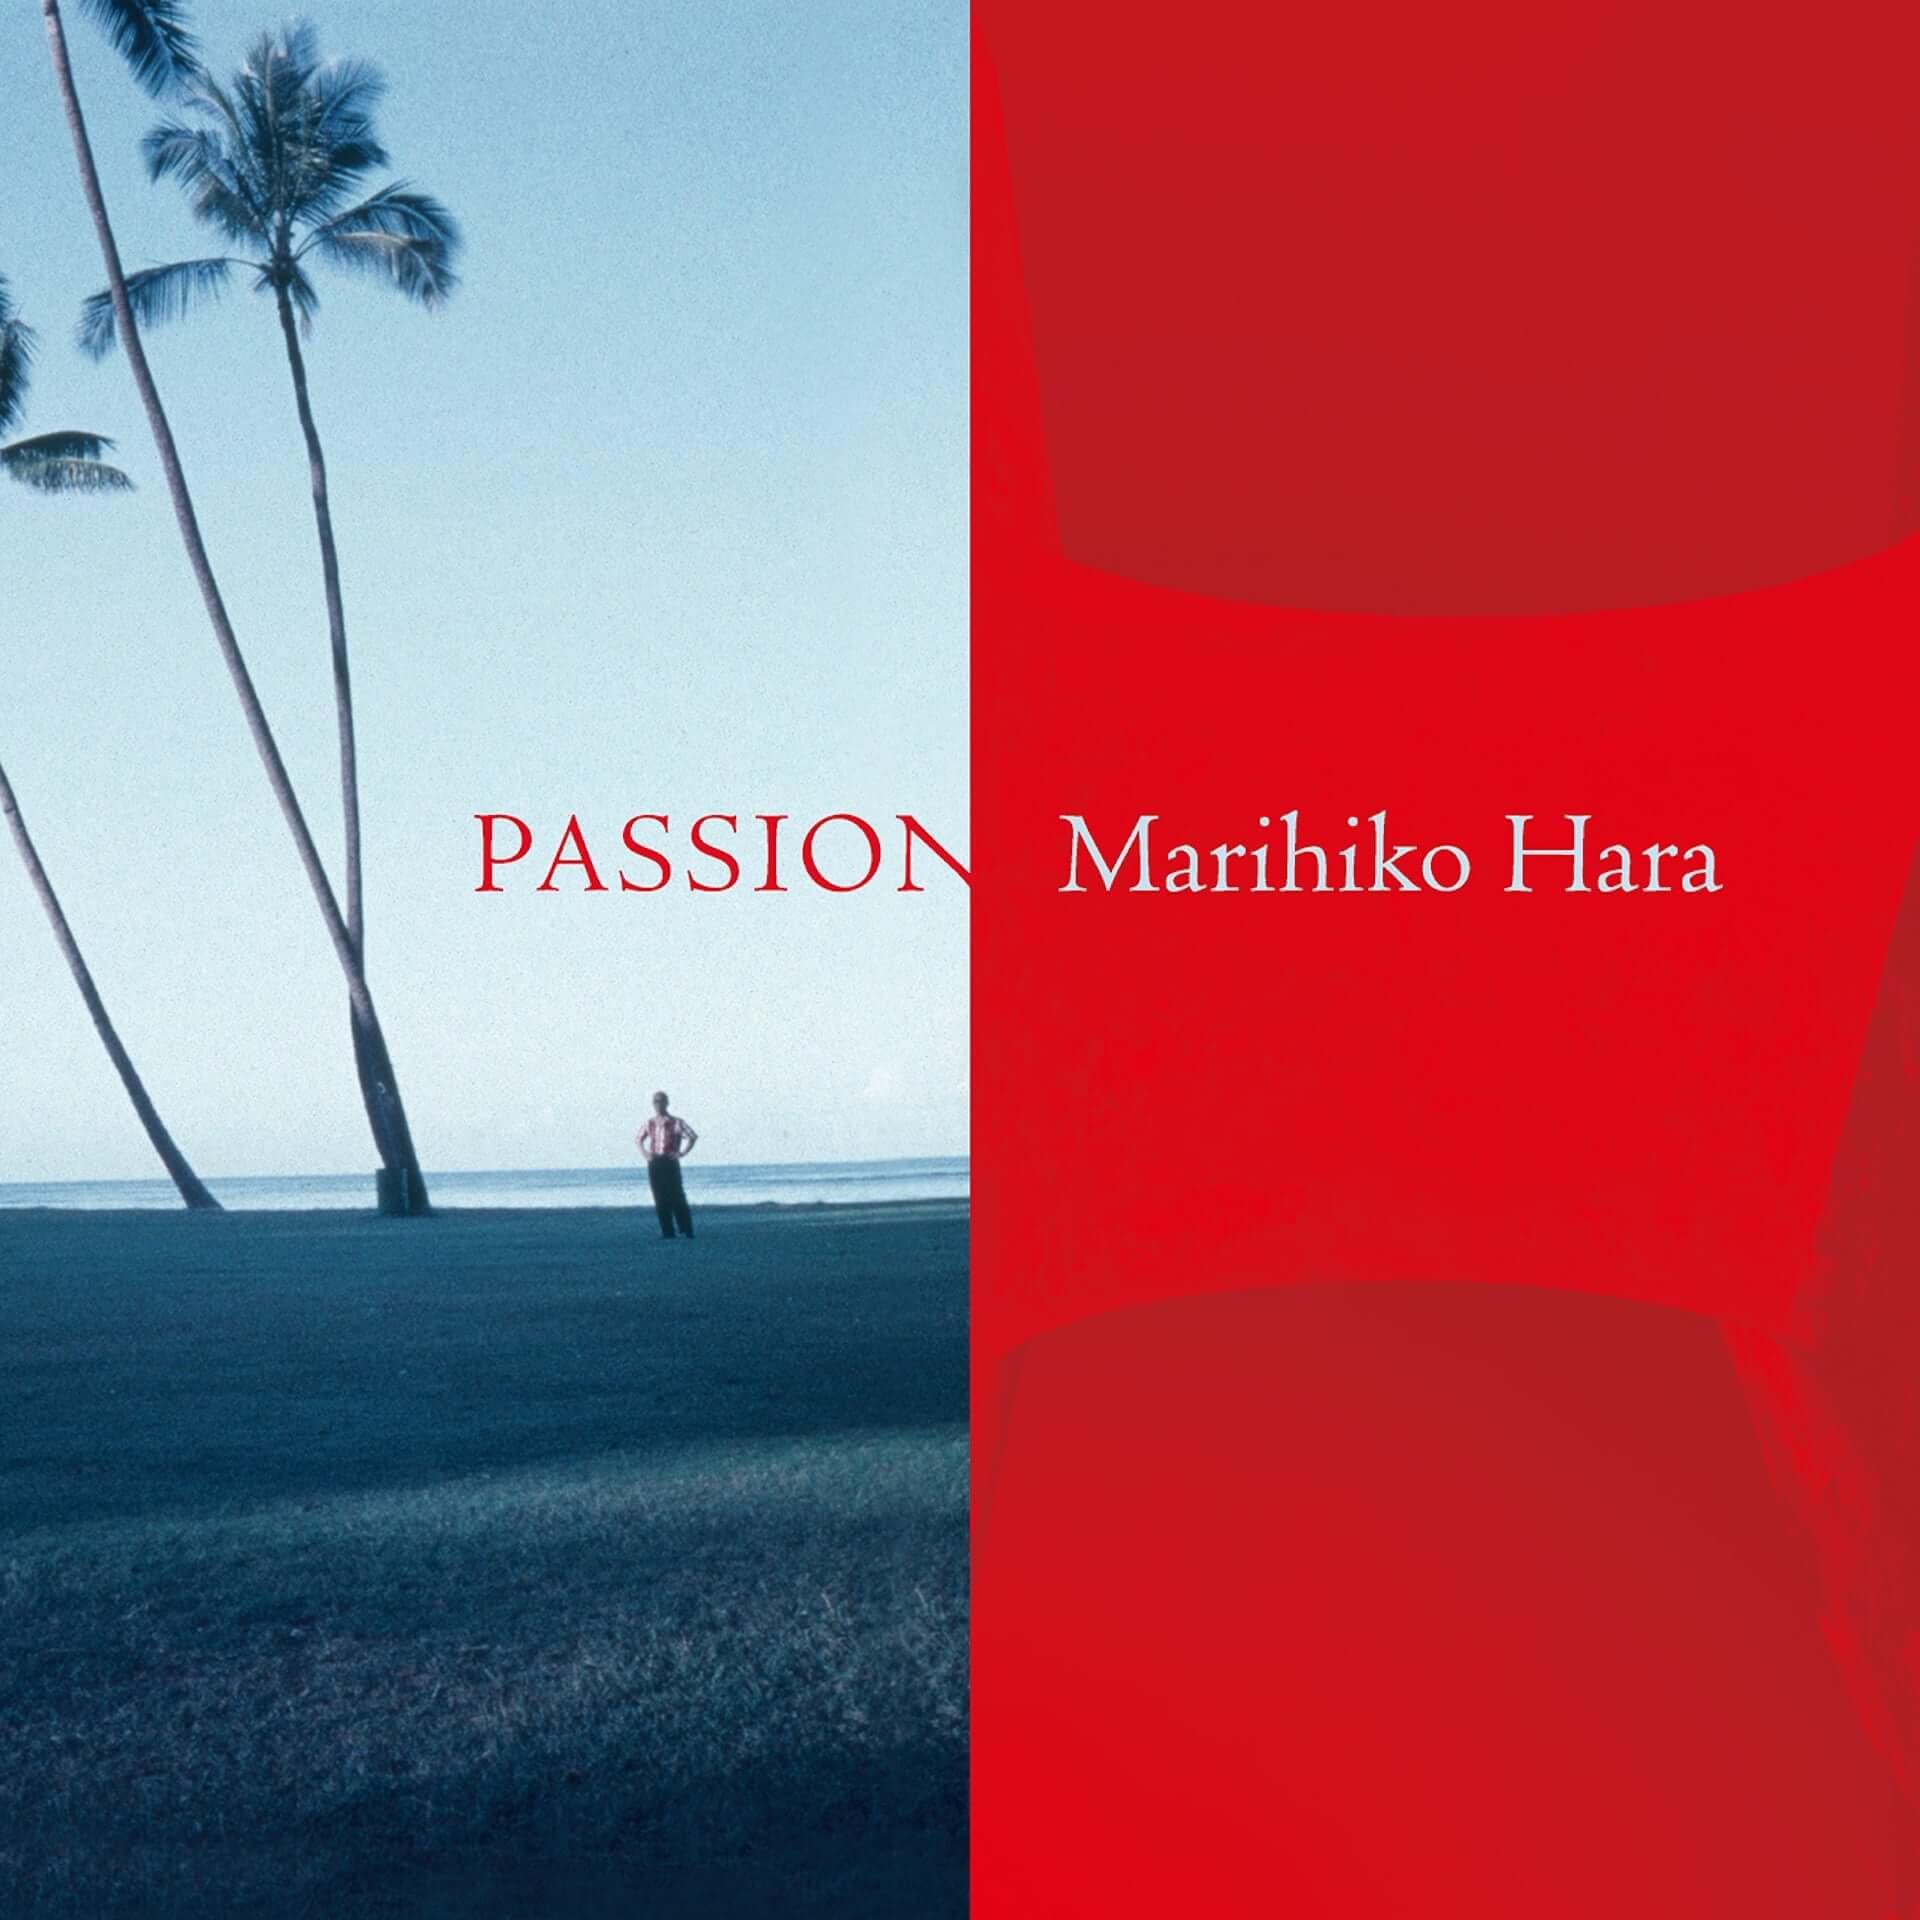 """原摩利彦の最新作『PASSION』より新曲""""Vibe""""がリリース!自然音と電子音が共存したドラマティックなビート曲 music200513_marihikohara_4-1920x1920"""